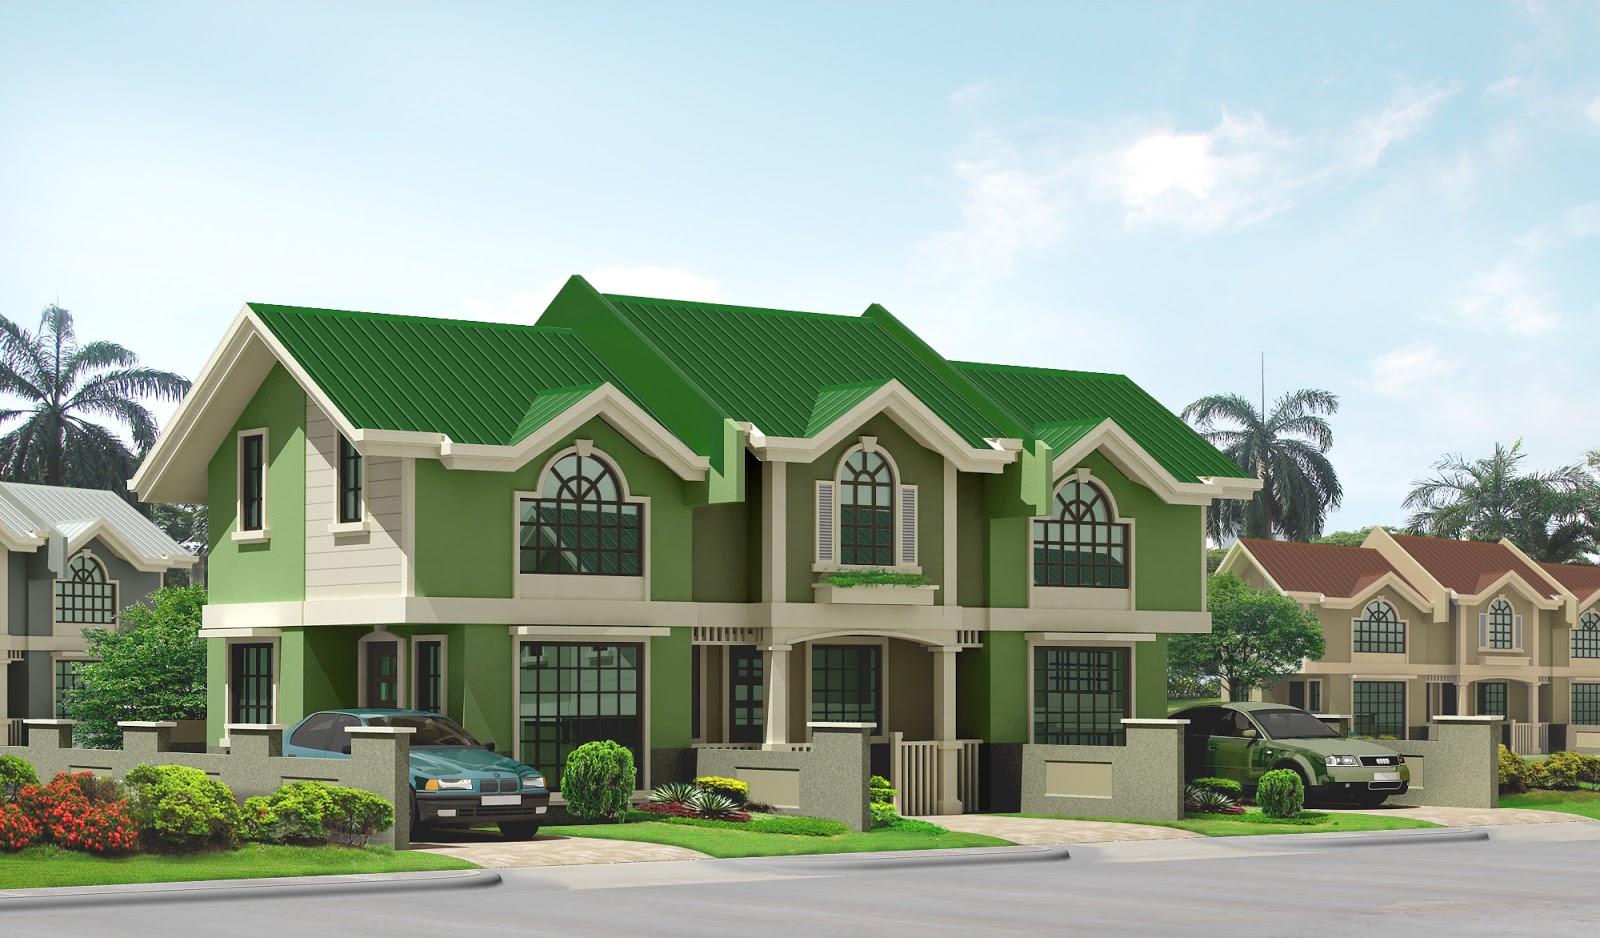 Modelos de casas dise os de casas y fachadas dise os de for Colores de casa para afuera